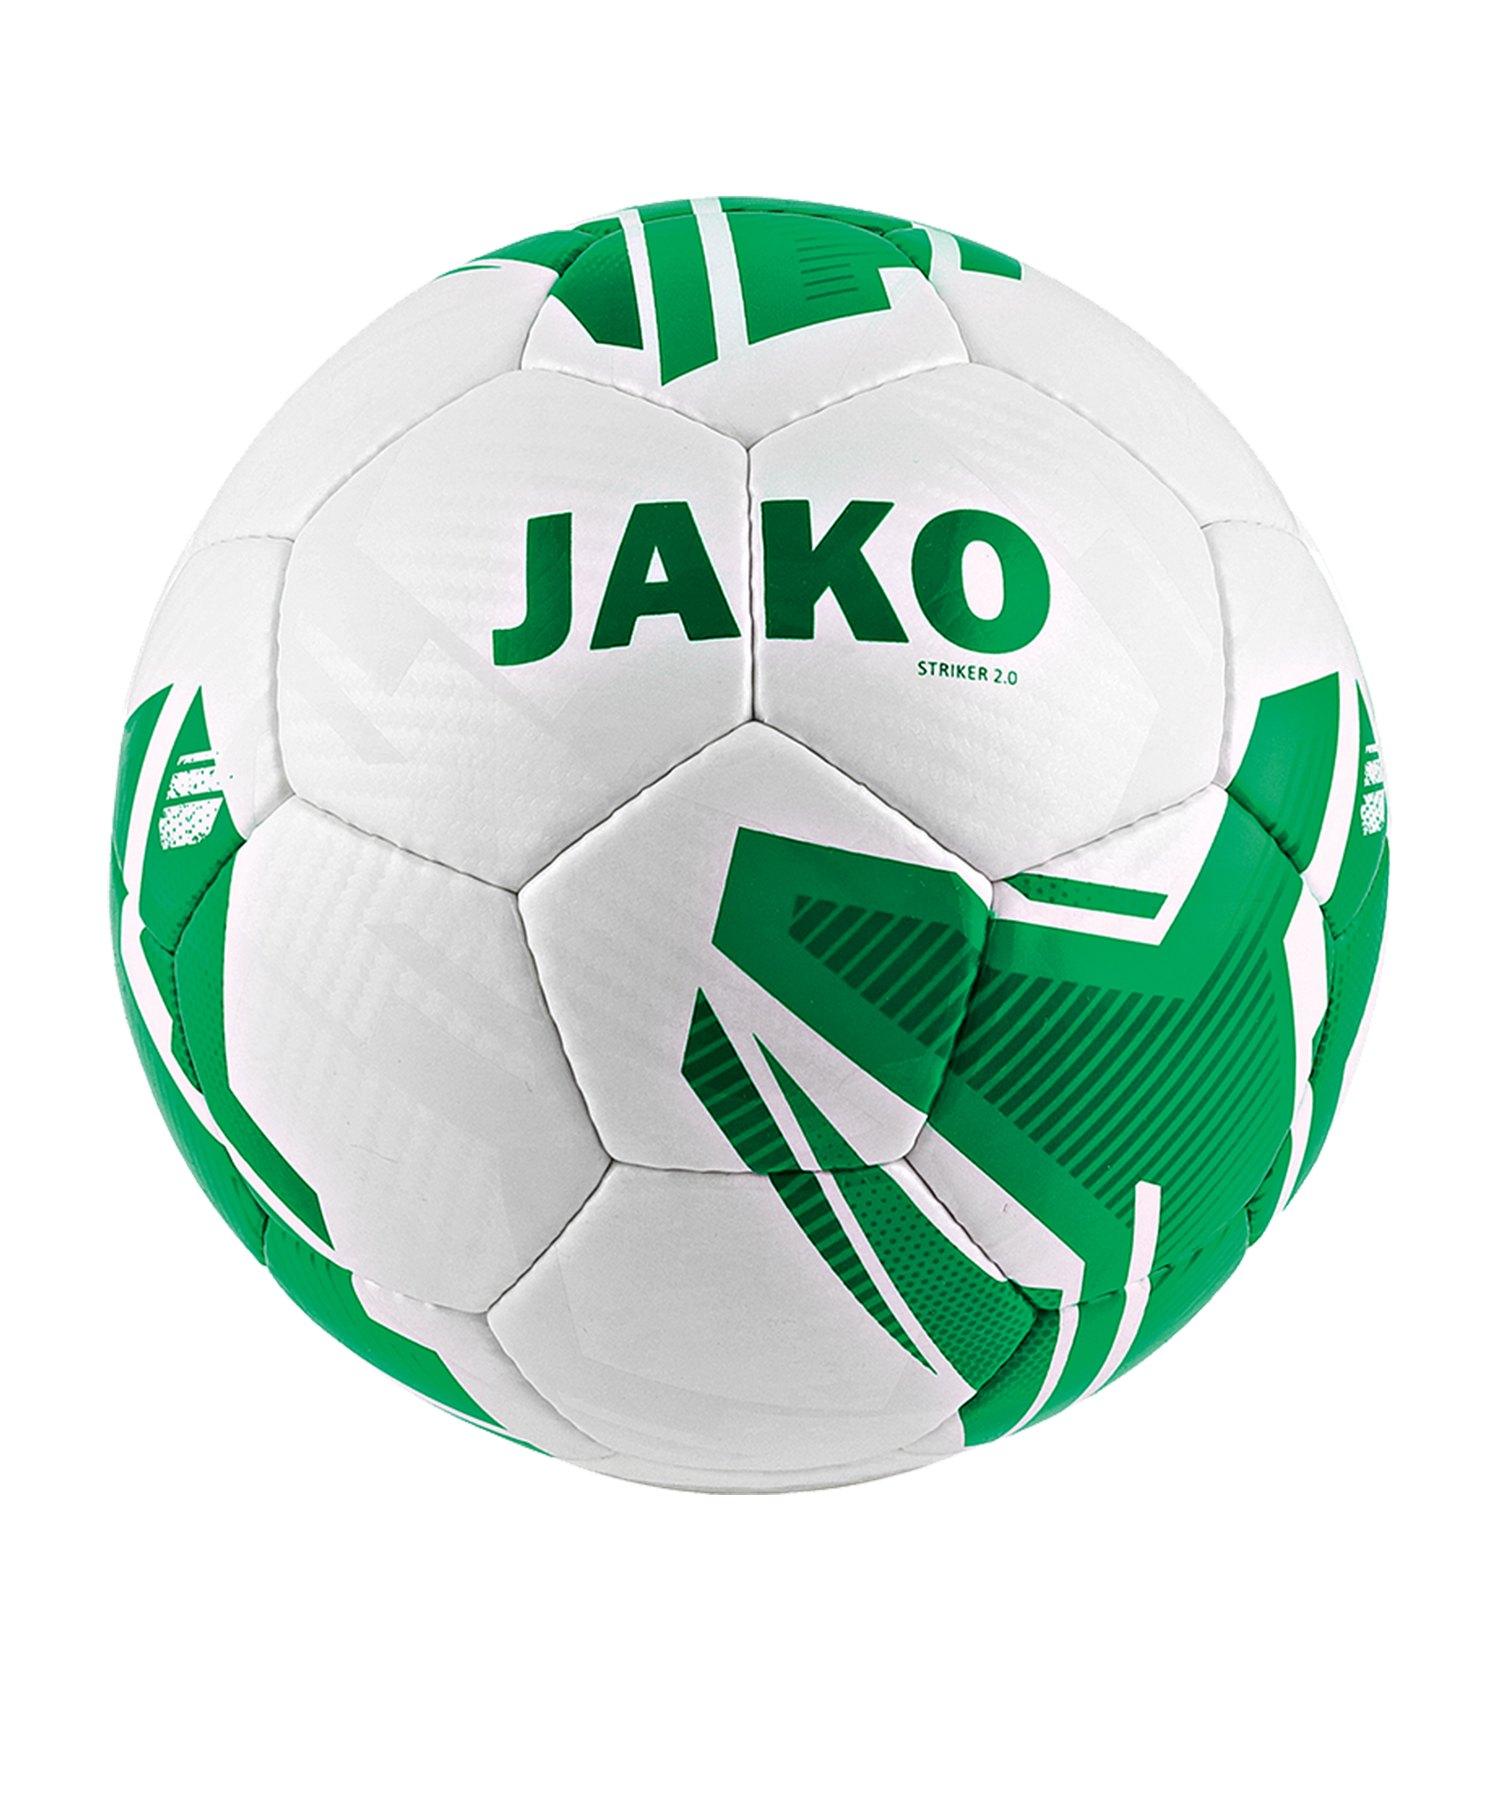 Jako Striker 2.0 Lightball HS 290 Gramm Gr. 3 F00 - Weiss